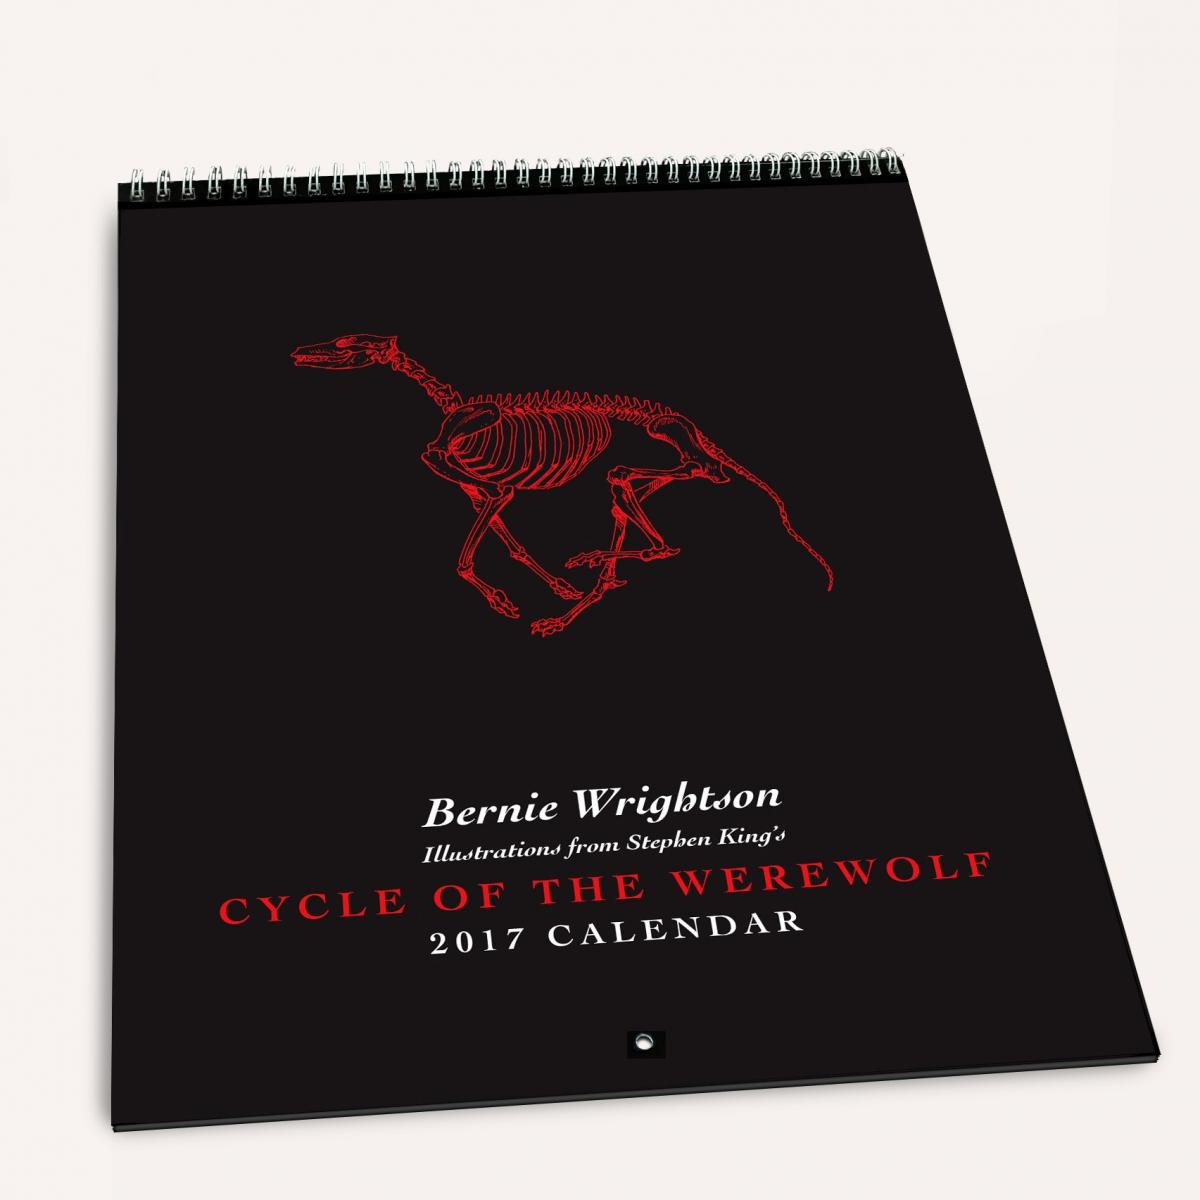 Cycle of Werewolf - kalendarz - obrazek